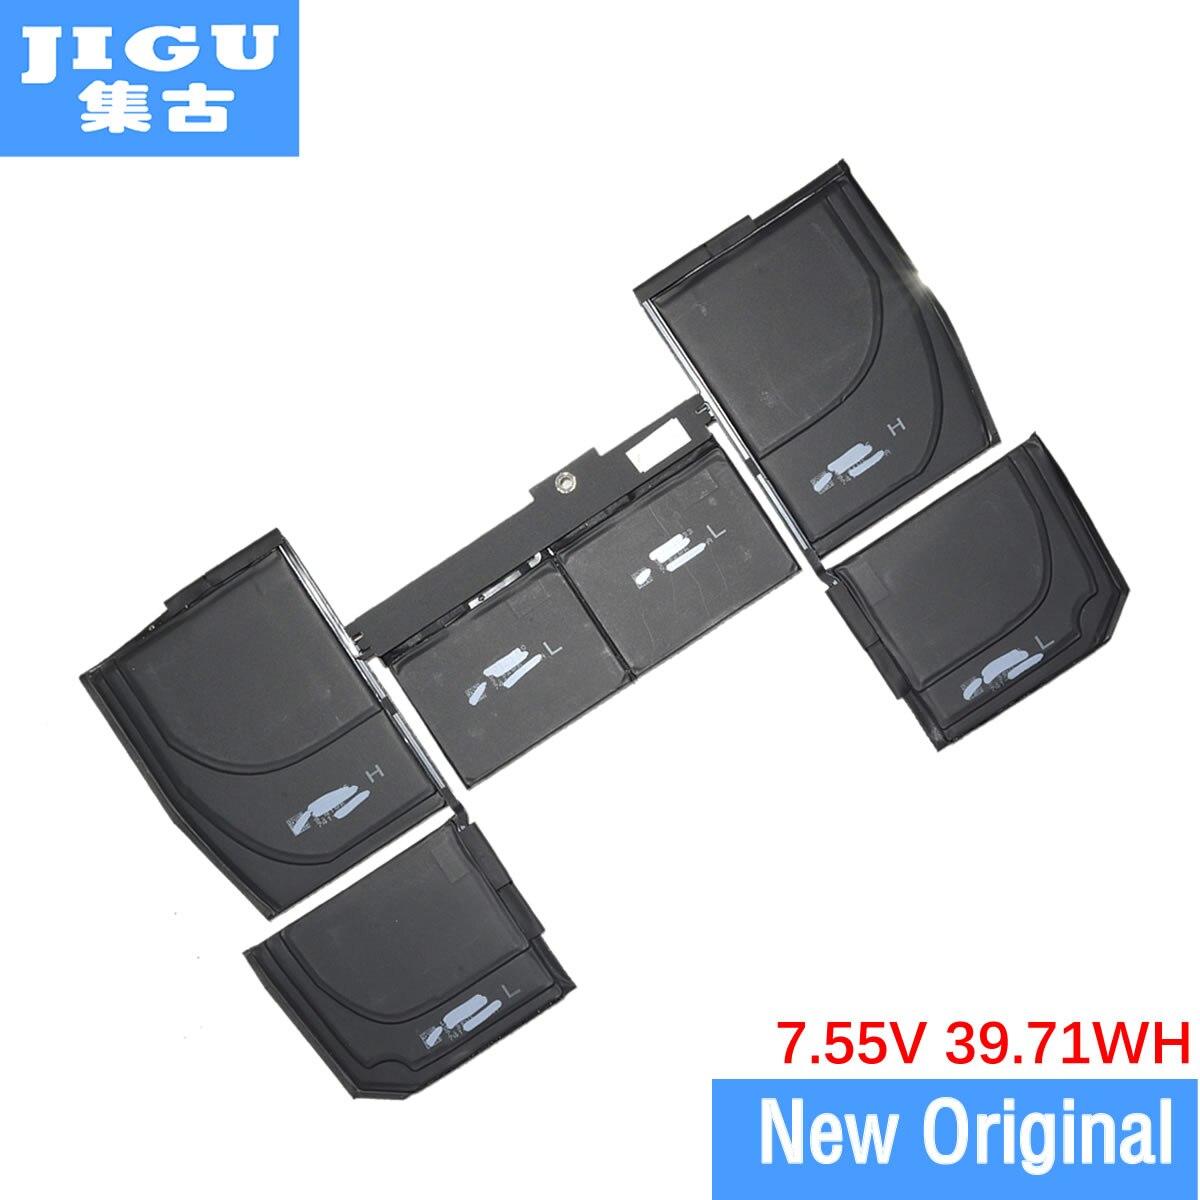 JIGU A1527 Bateria Do Laptop Original Para A APPLE ForMacBook 12